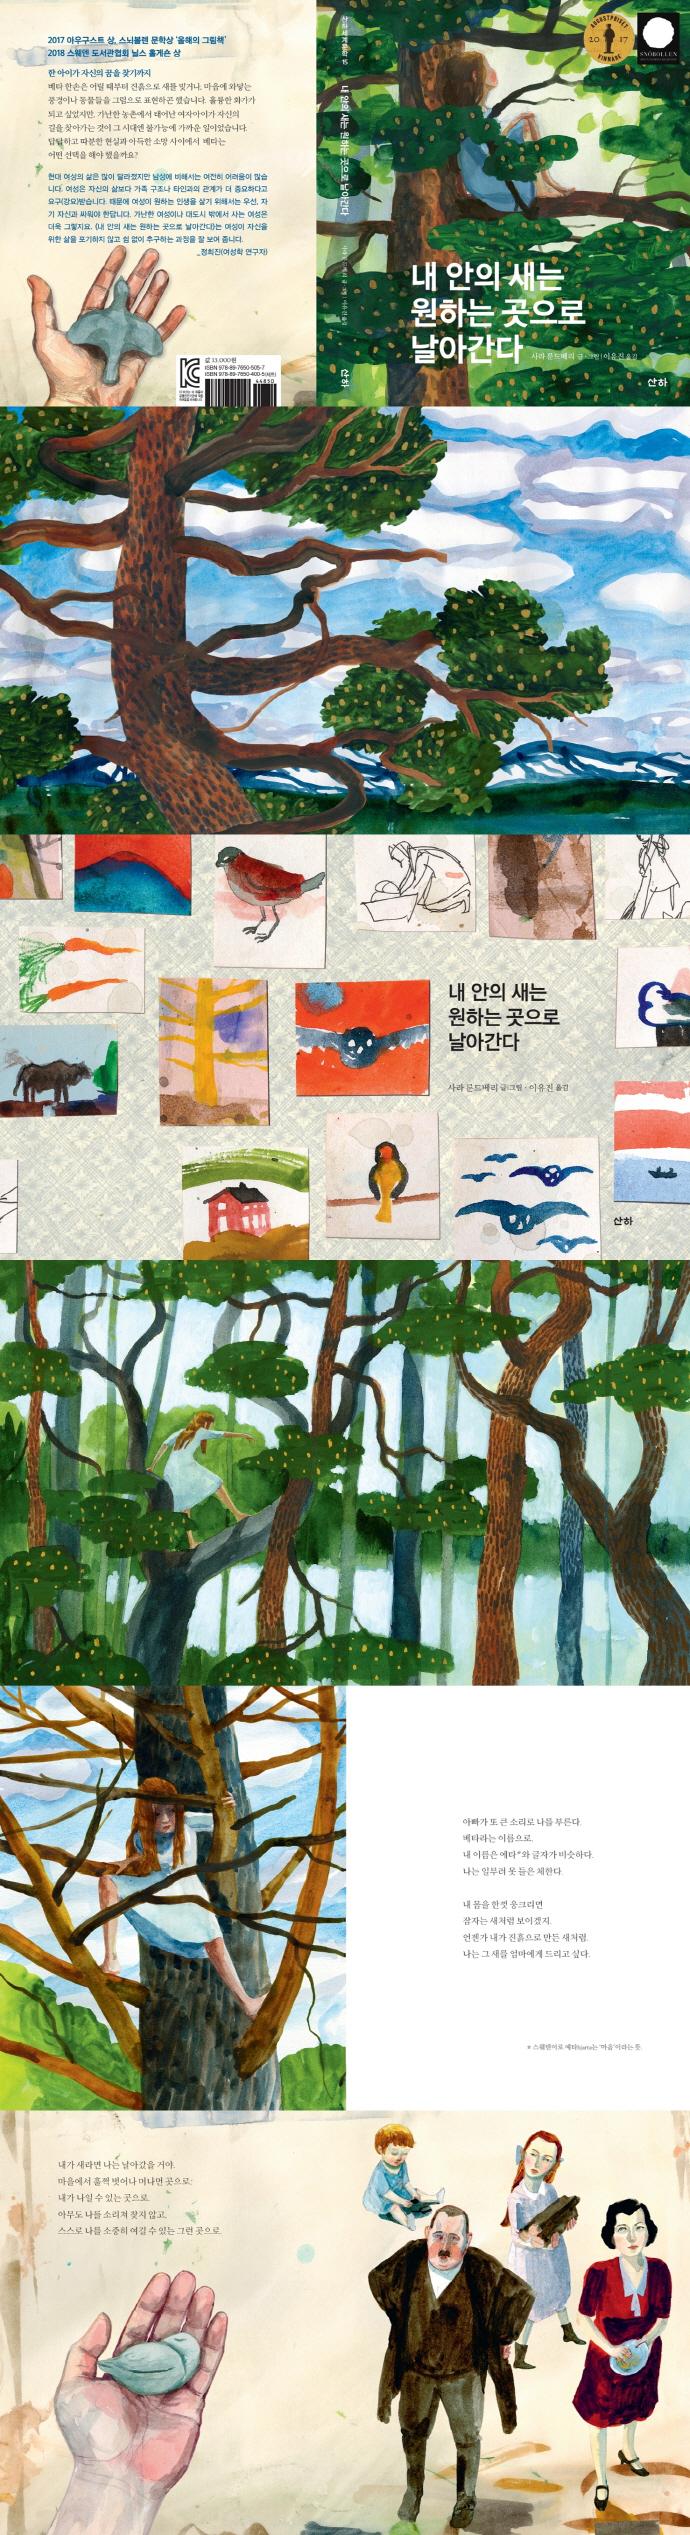 내 안의 새는 원하는 곳으로 날아간다(산하세계문학 15)(양장본 HardCover) 도서 상세이미지